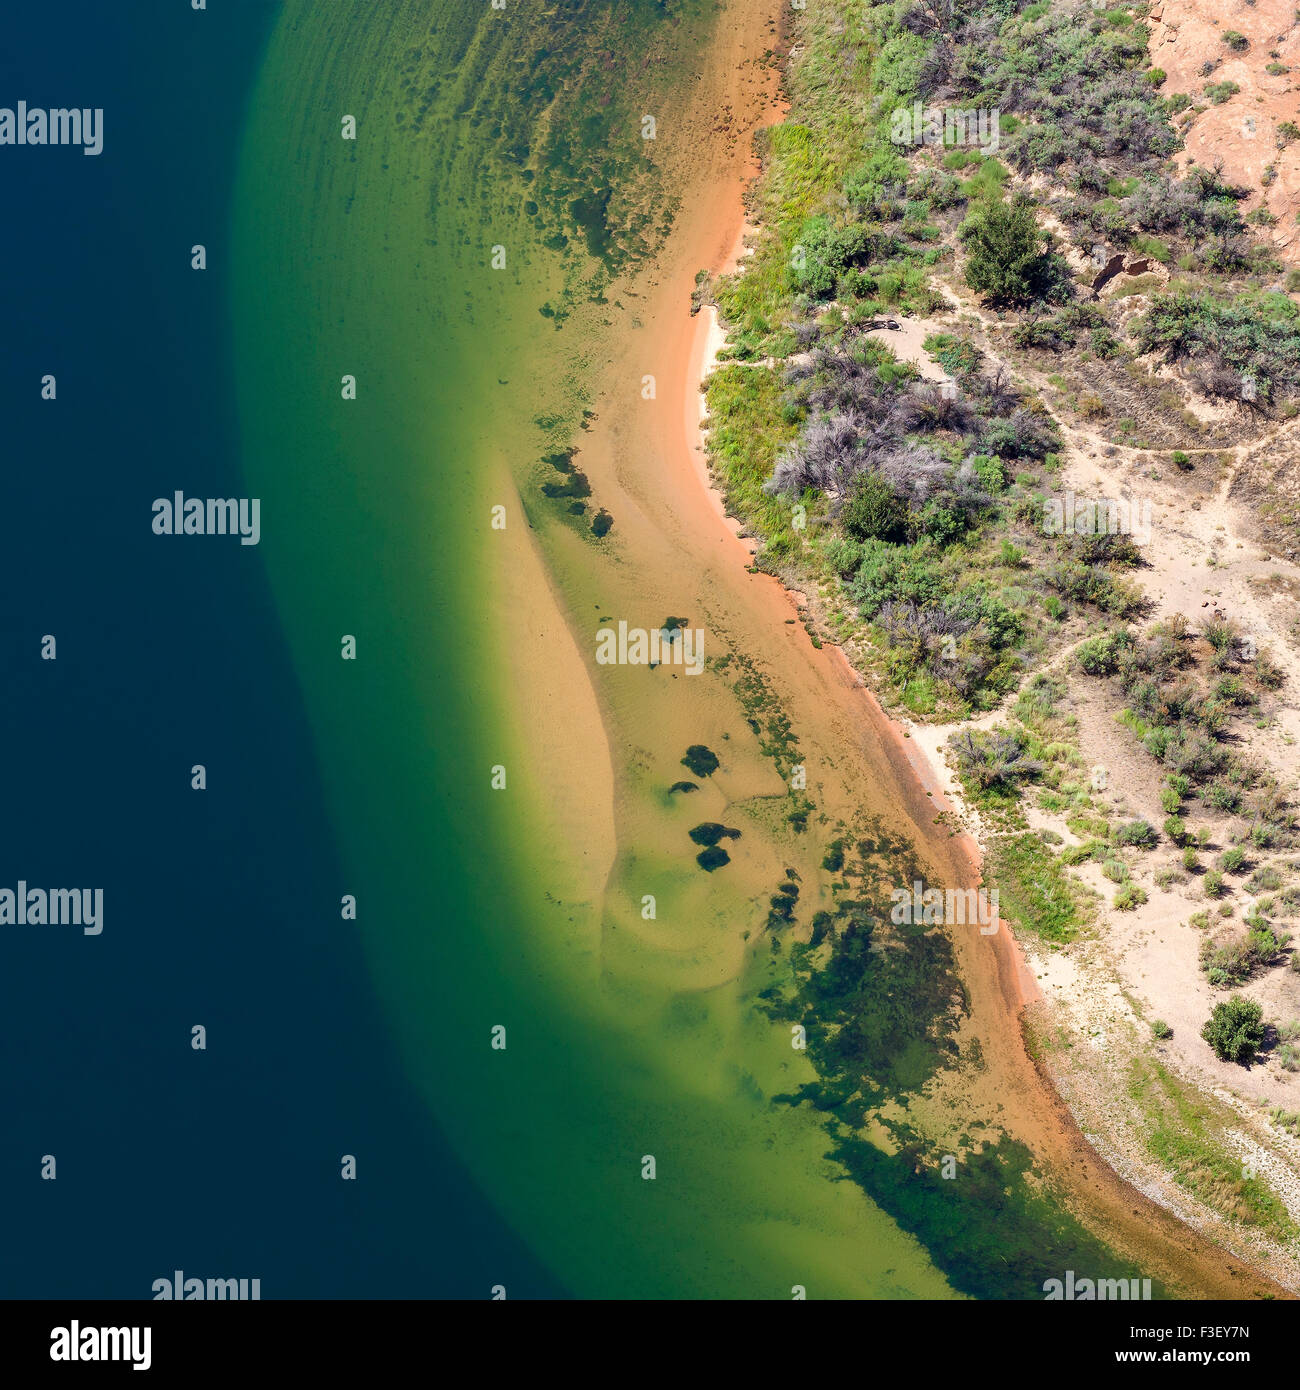 Vista aérea del Río Colorado, abstracto, fondo natural Horsewhoe Bend en Arizona, EE.UU. Imagen De Stock